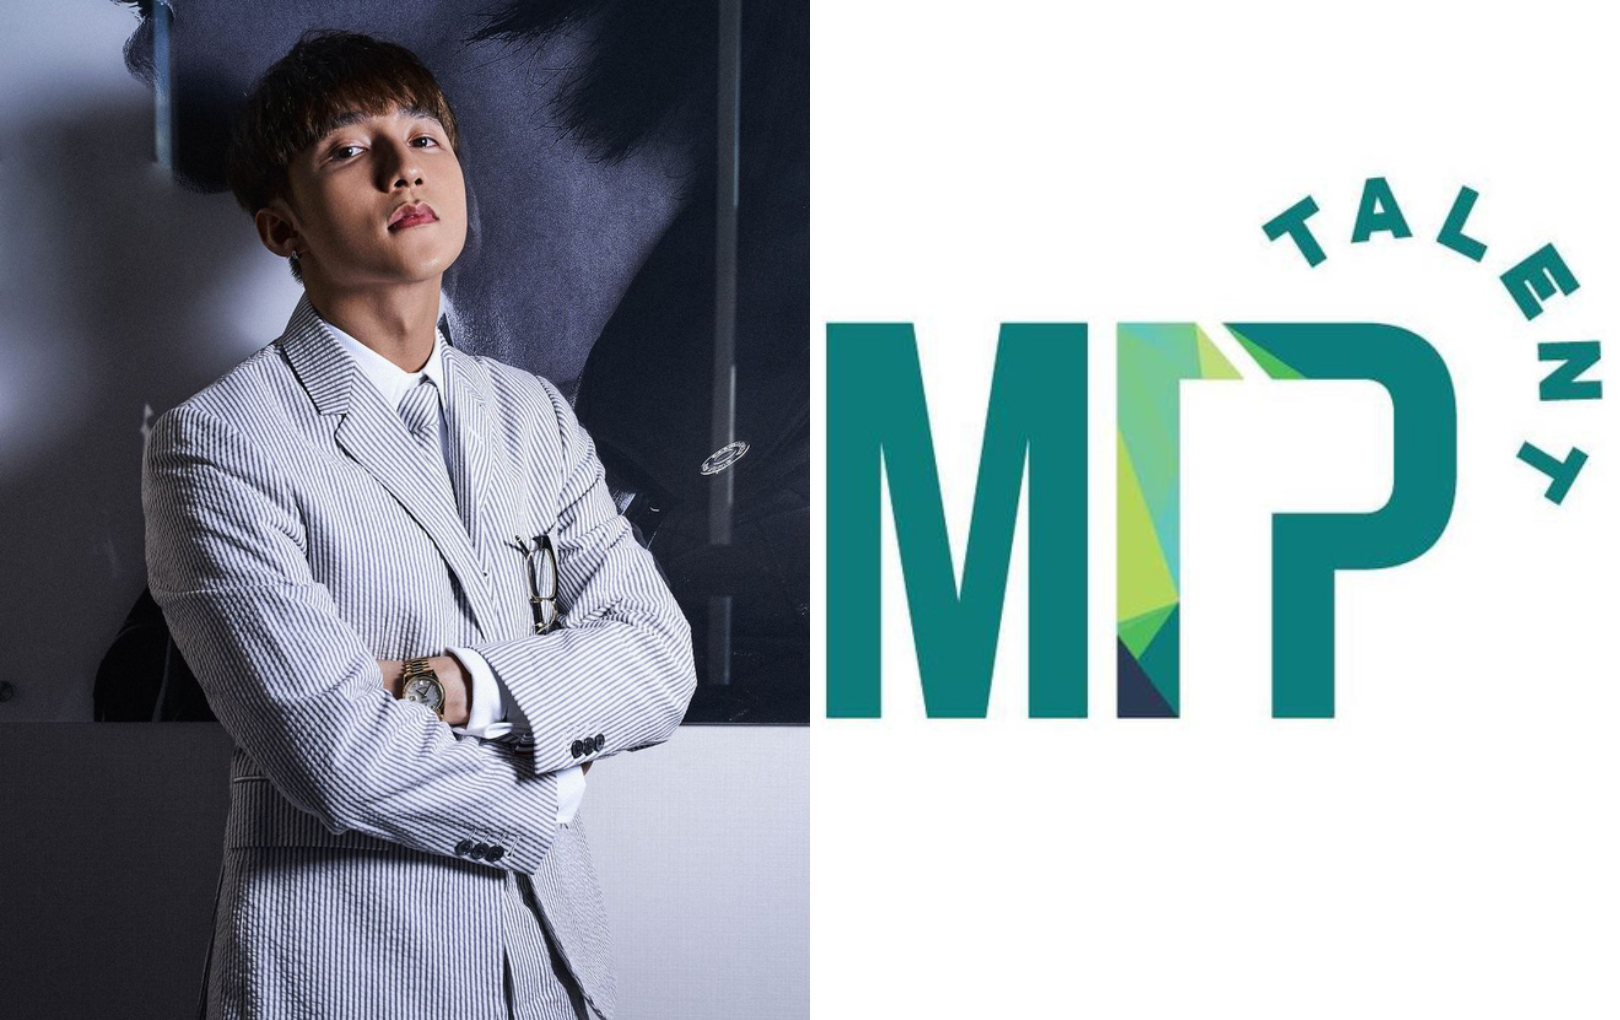 """PHÁT SỐT: Sơn Tùng ra mắt M-TP Talent, từ ca sĩ, đến Chủ tịch và sắp tới là """"ông bầu"""" Nguyễn Thanh Tùng đào tạo các nghệ sĩ mới?"""